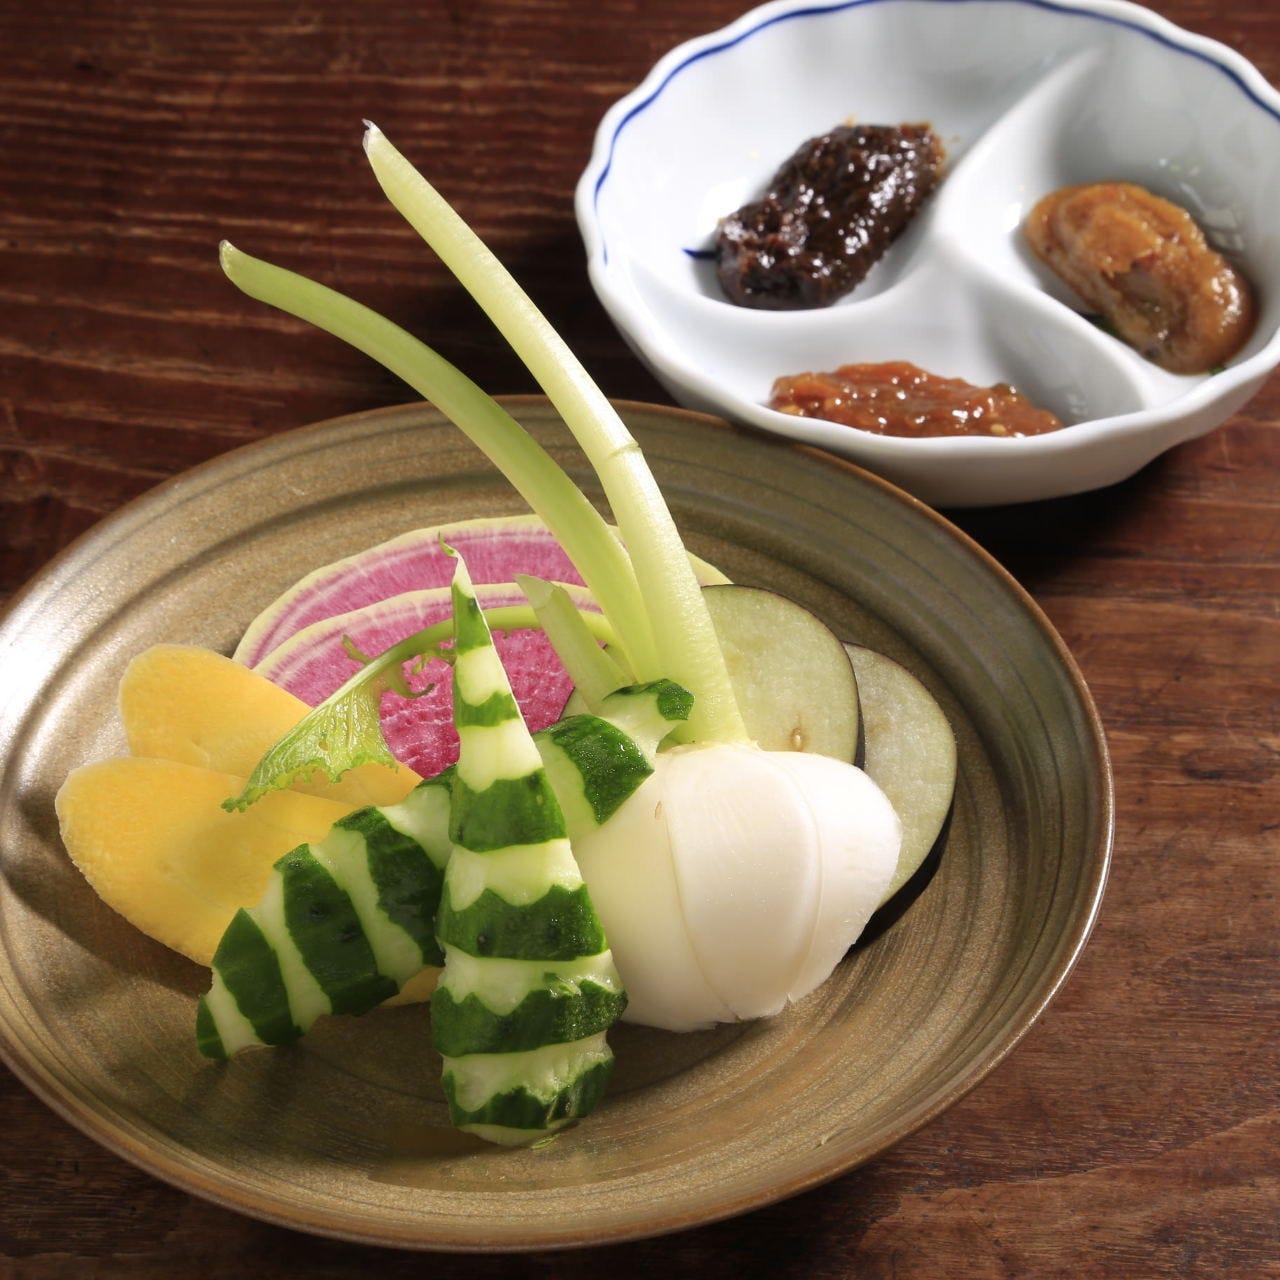 嘗め味噌三種盛合せと有機野菜